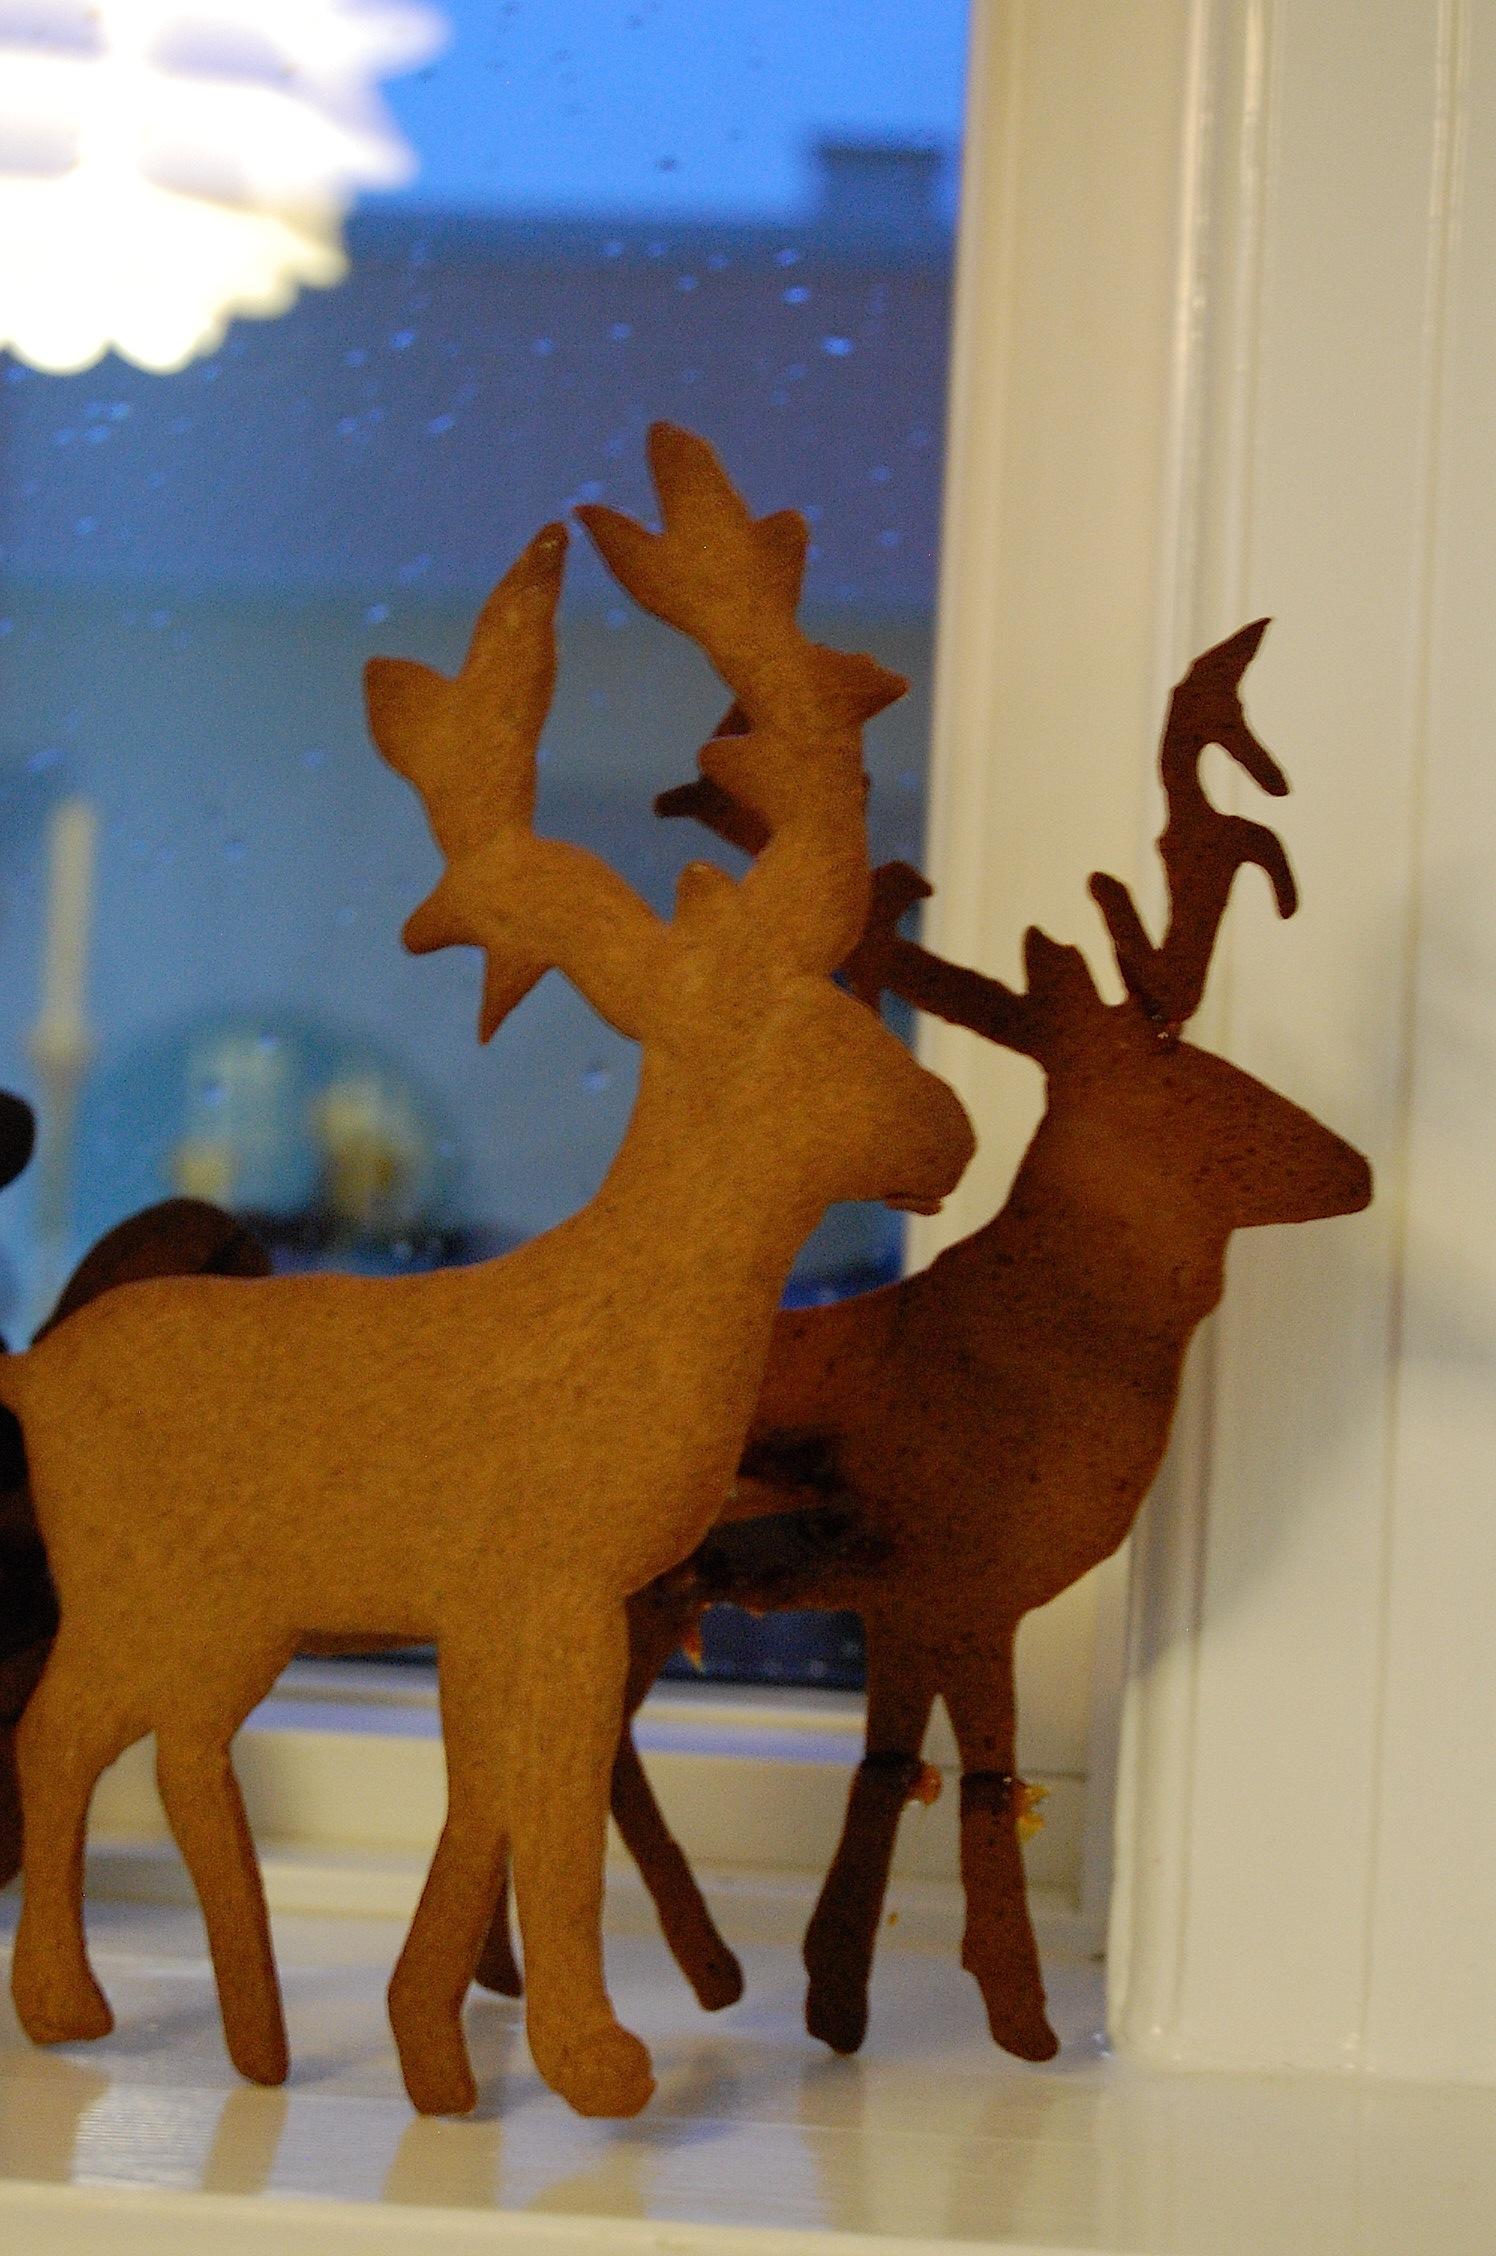 #7D410B Mest effektive Peberkager/brunkager Og Inspiration Til Brunkagekreativitet Med Rensdyr Og  Gør Det Selv Julepynt 5545 149622565545